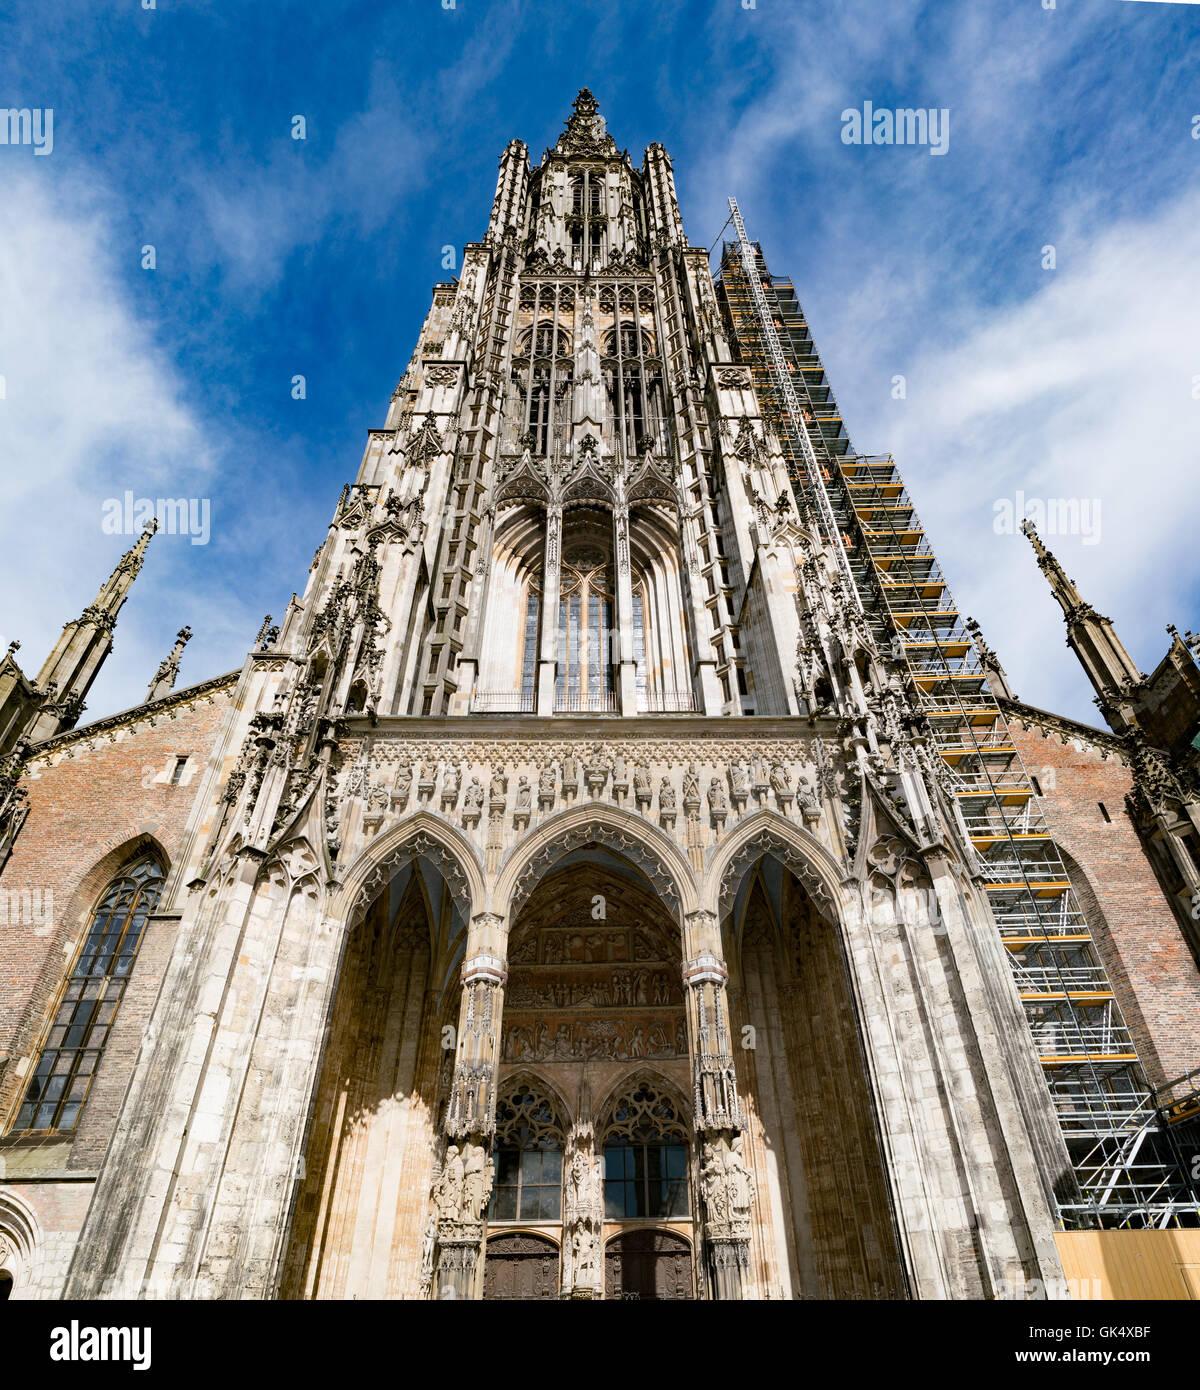 Ulm Minster (tedesco: Ulmer Münster) è una chiesa luterana si trova a Ulm in Germania. Foto Stock